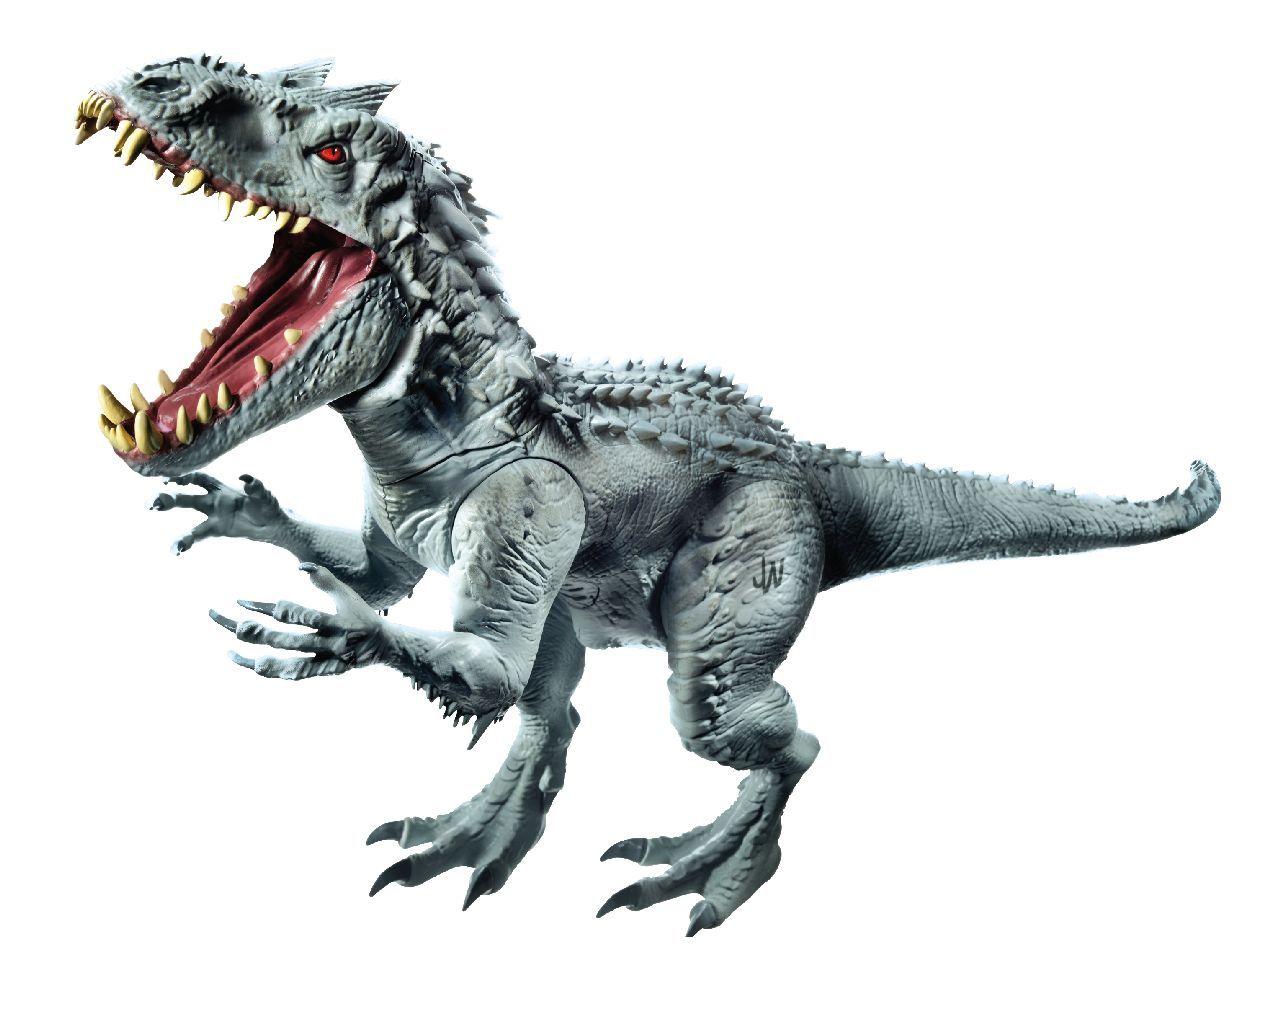 Jurassic World Hasbro Toys,Indominus Rex